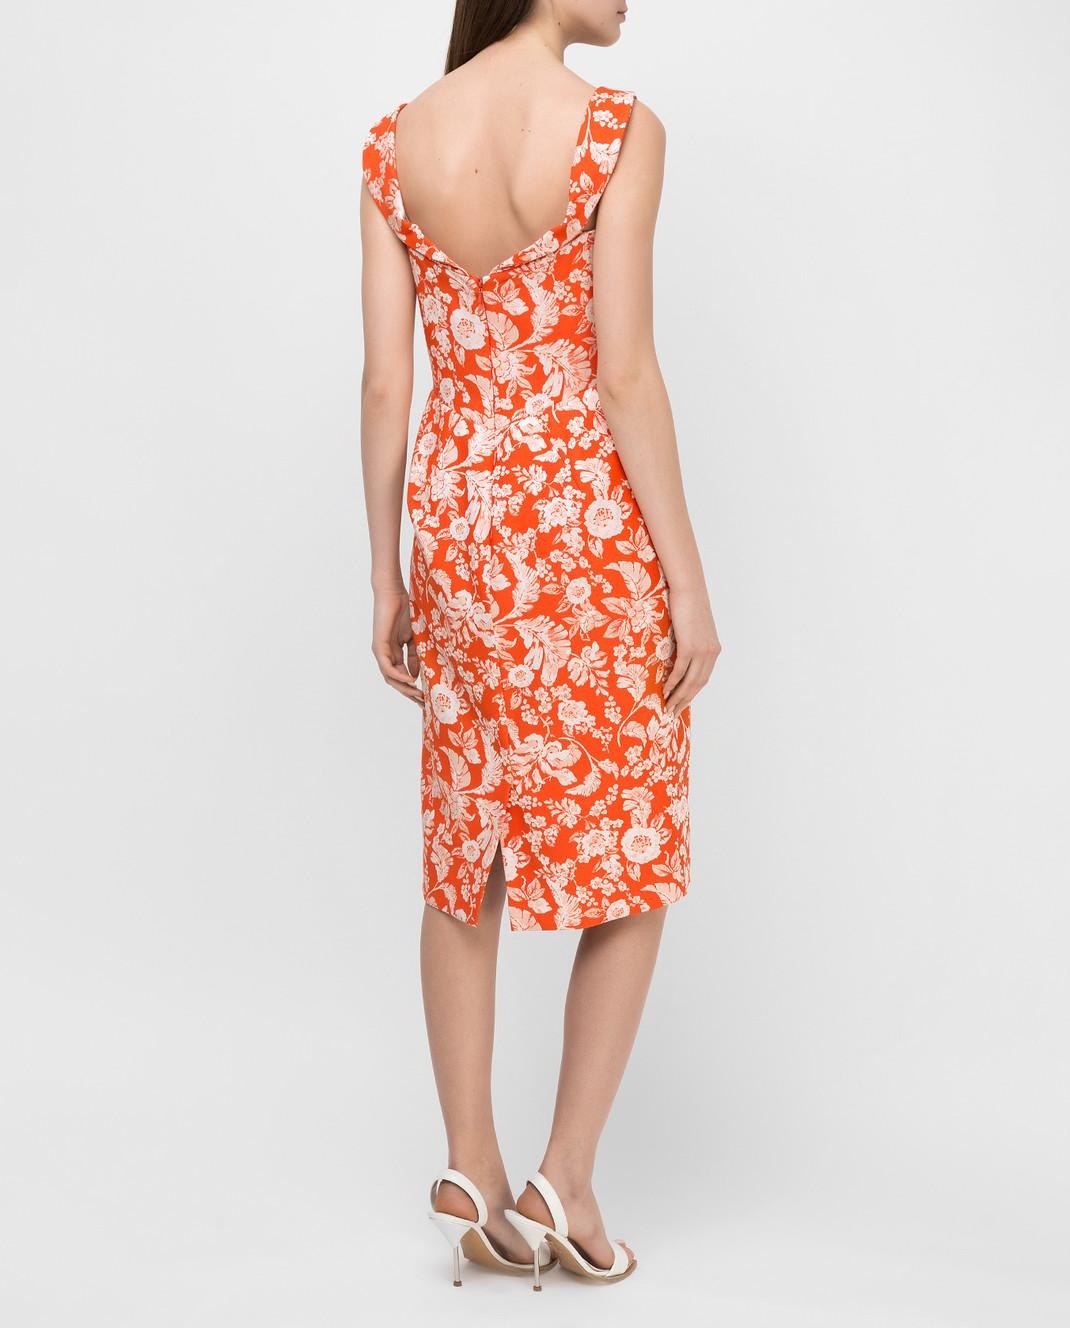 Zac Posen Оранжевое платье 23547753 изображение 4